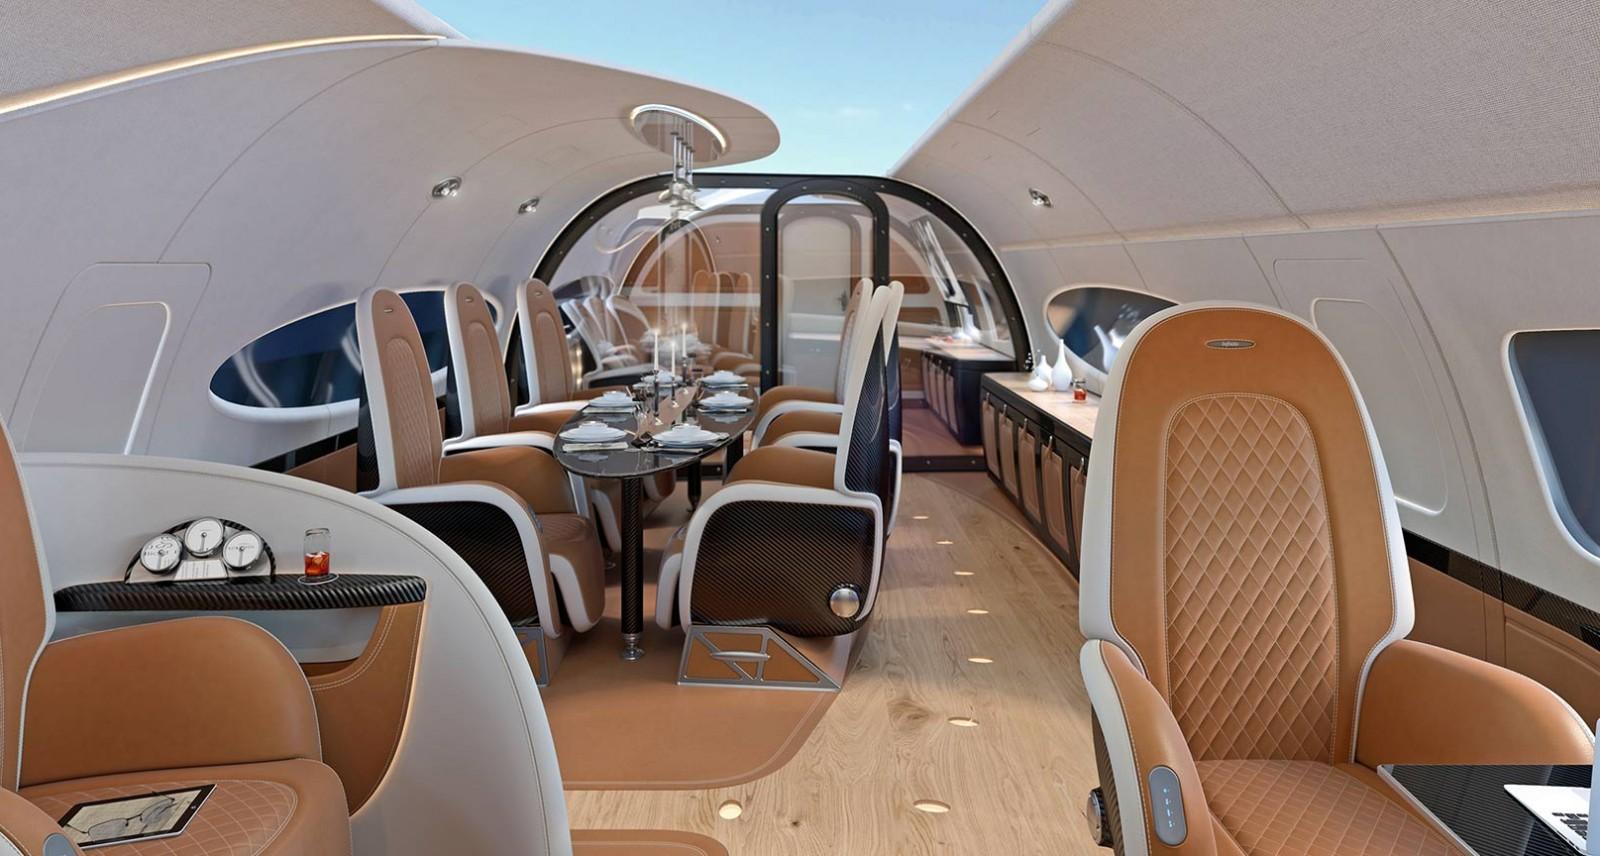 هذه الطائرة من باجاني وإيرباص تجعلك تشعر وكأنك في سيارة سوبر رياضية طائرة